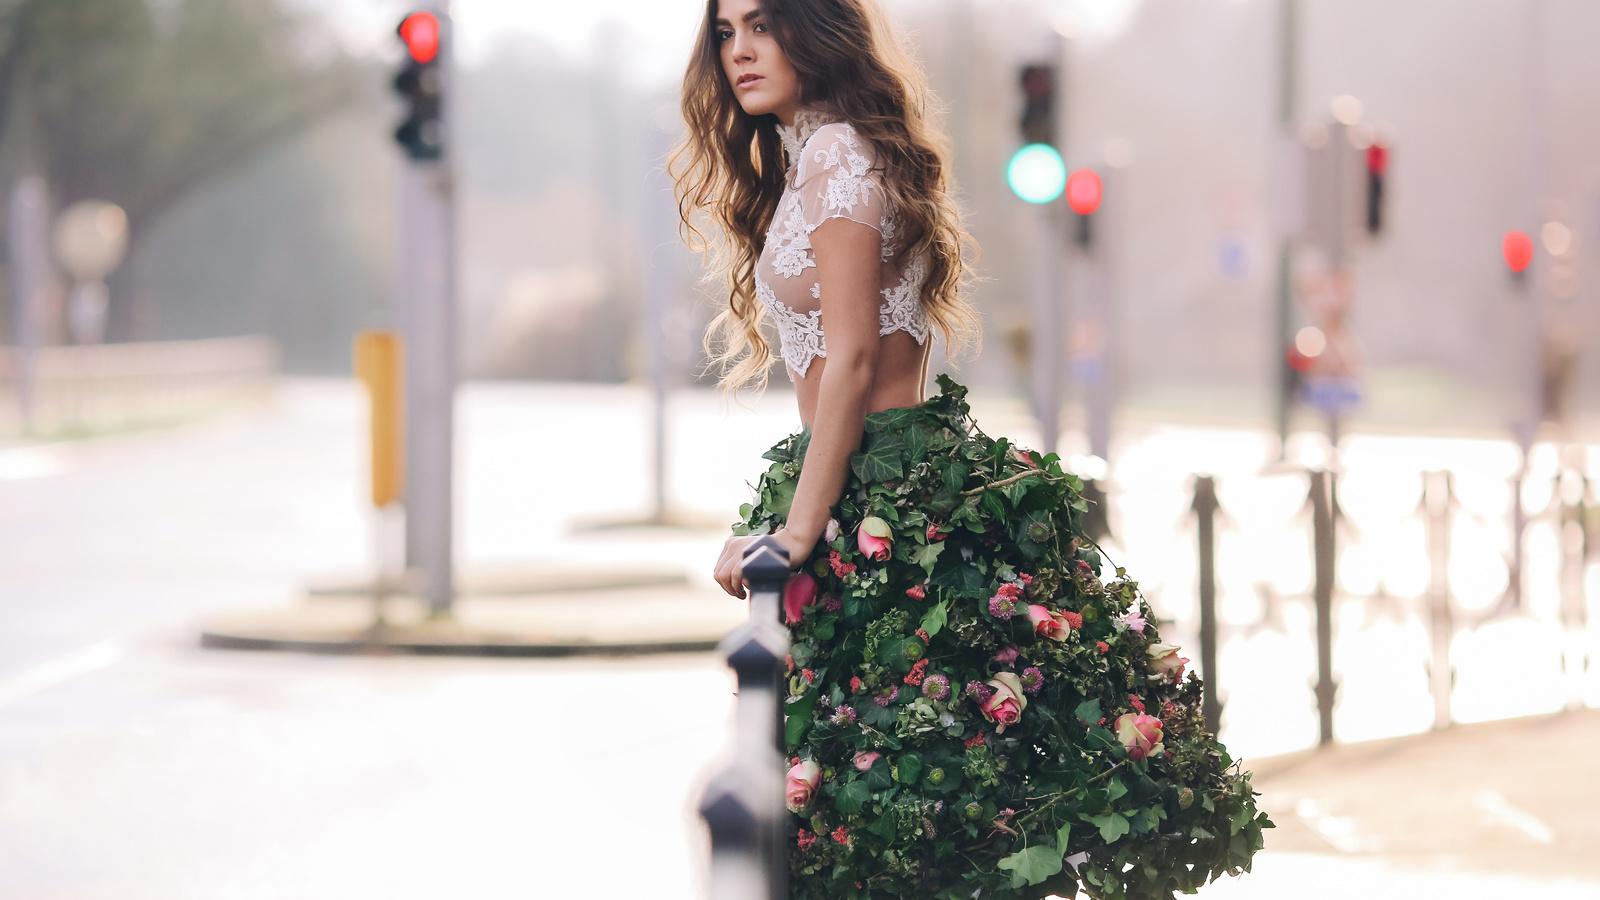 девушка, шатенка, локоны, блузка, топ, юбка, листья, плющ, цветы, город, улица, дорога, светофор, розы